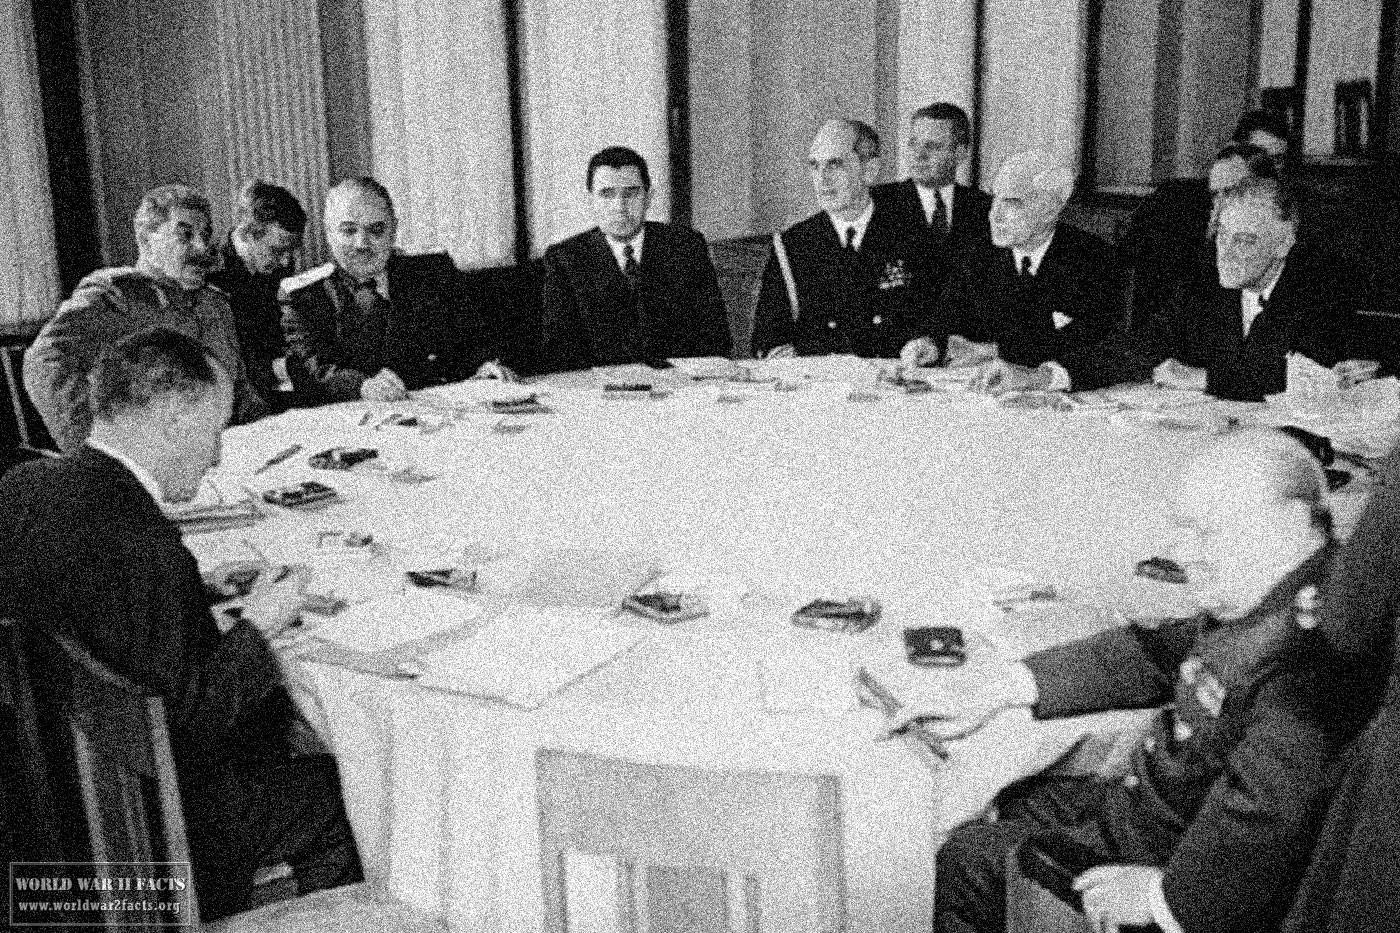 Yalta Conference World War 2 Facts